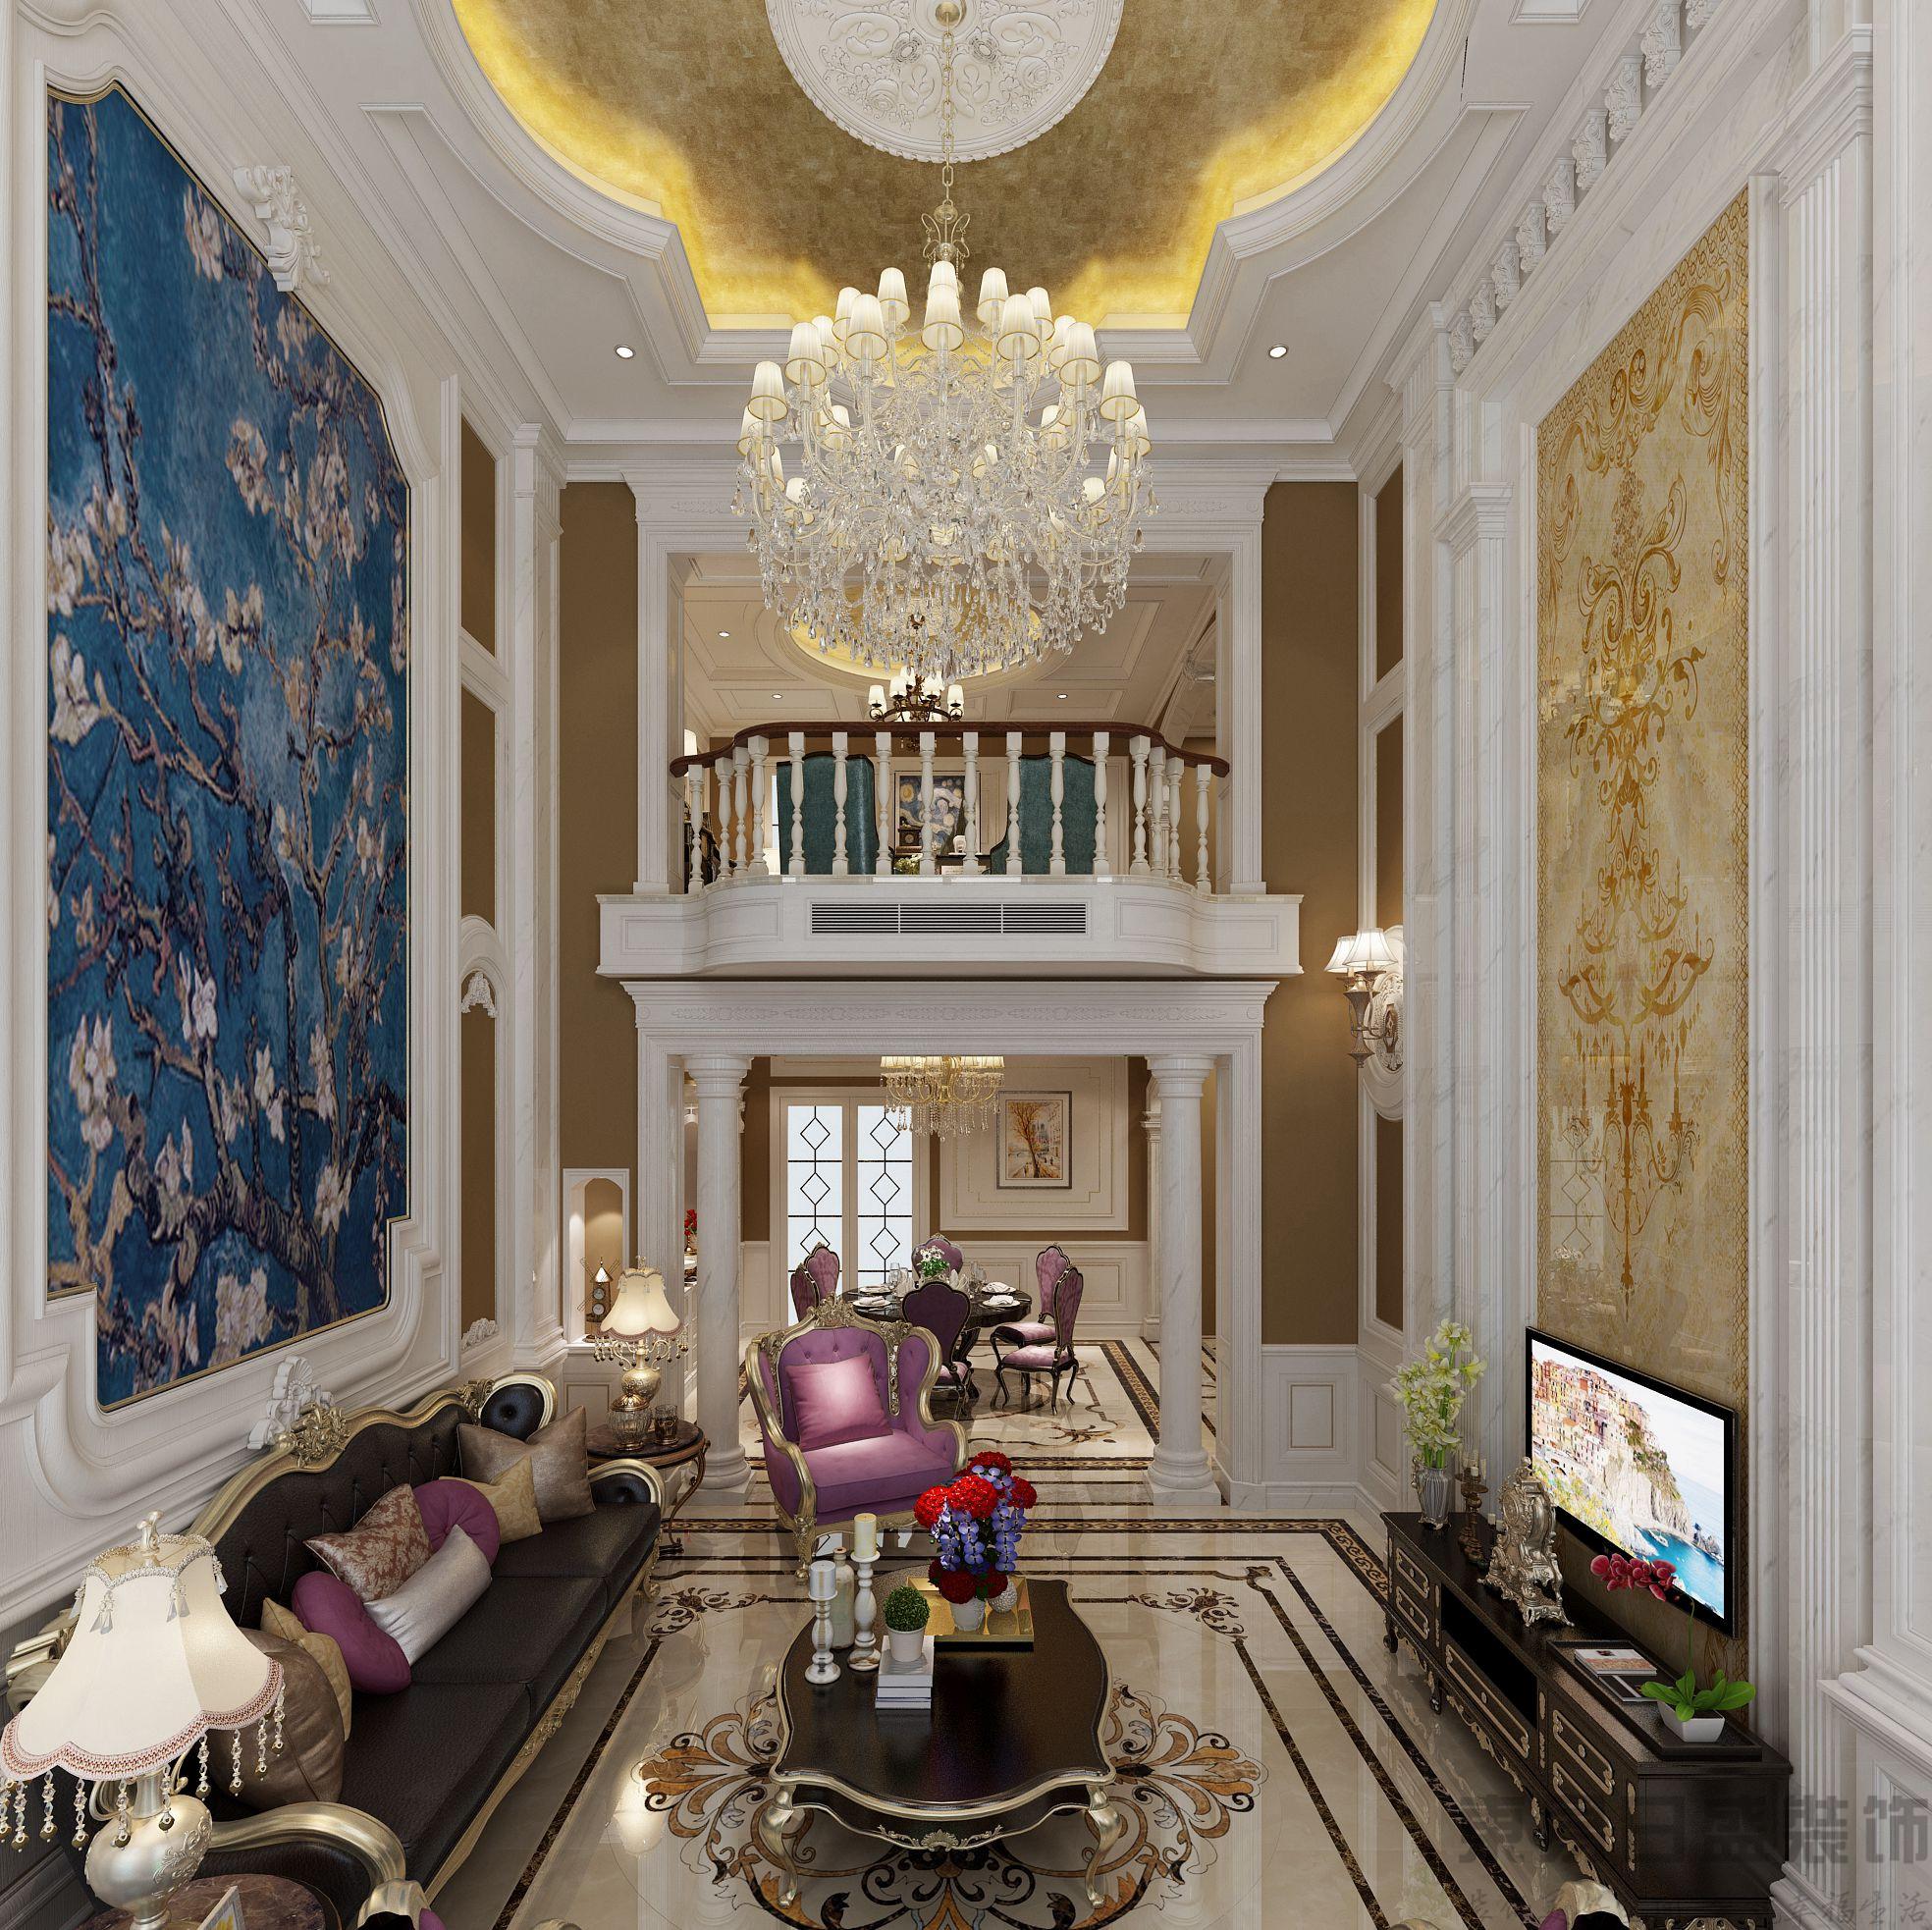 【东易格调】336㎡欧式古典风格独栋别墅装修效果图图片